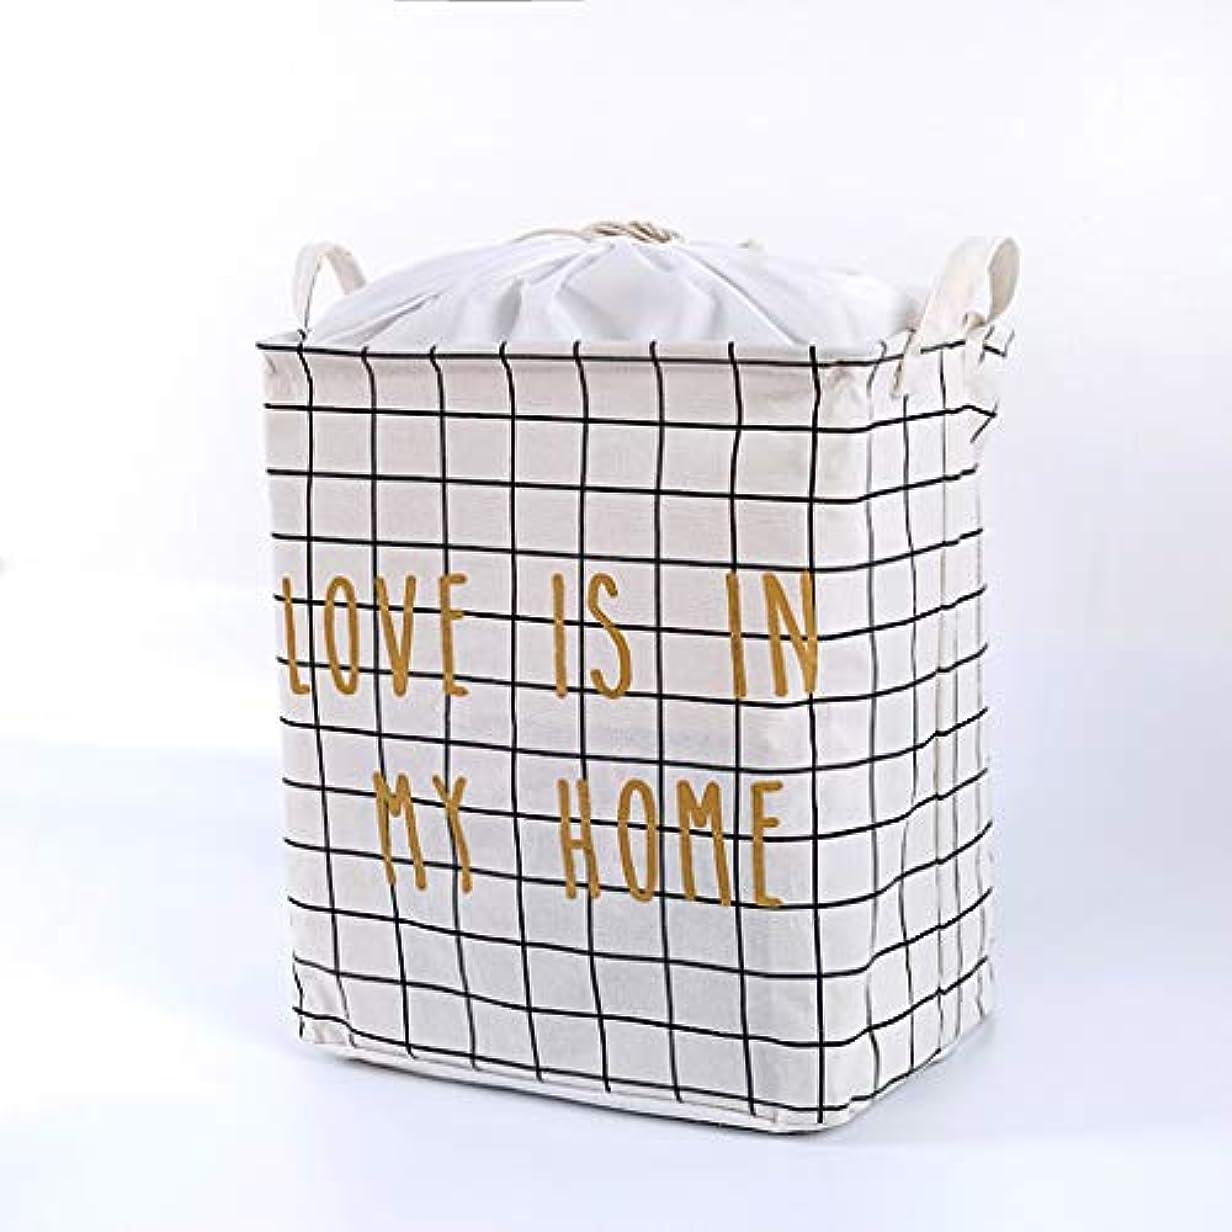 前提言うまでもなく哲学者SMMRB 折りたたみ式収納バスケット布製バスケット、ビームデザイン、おもちゃなどに入れることができる、4色オプション (色 : B)